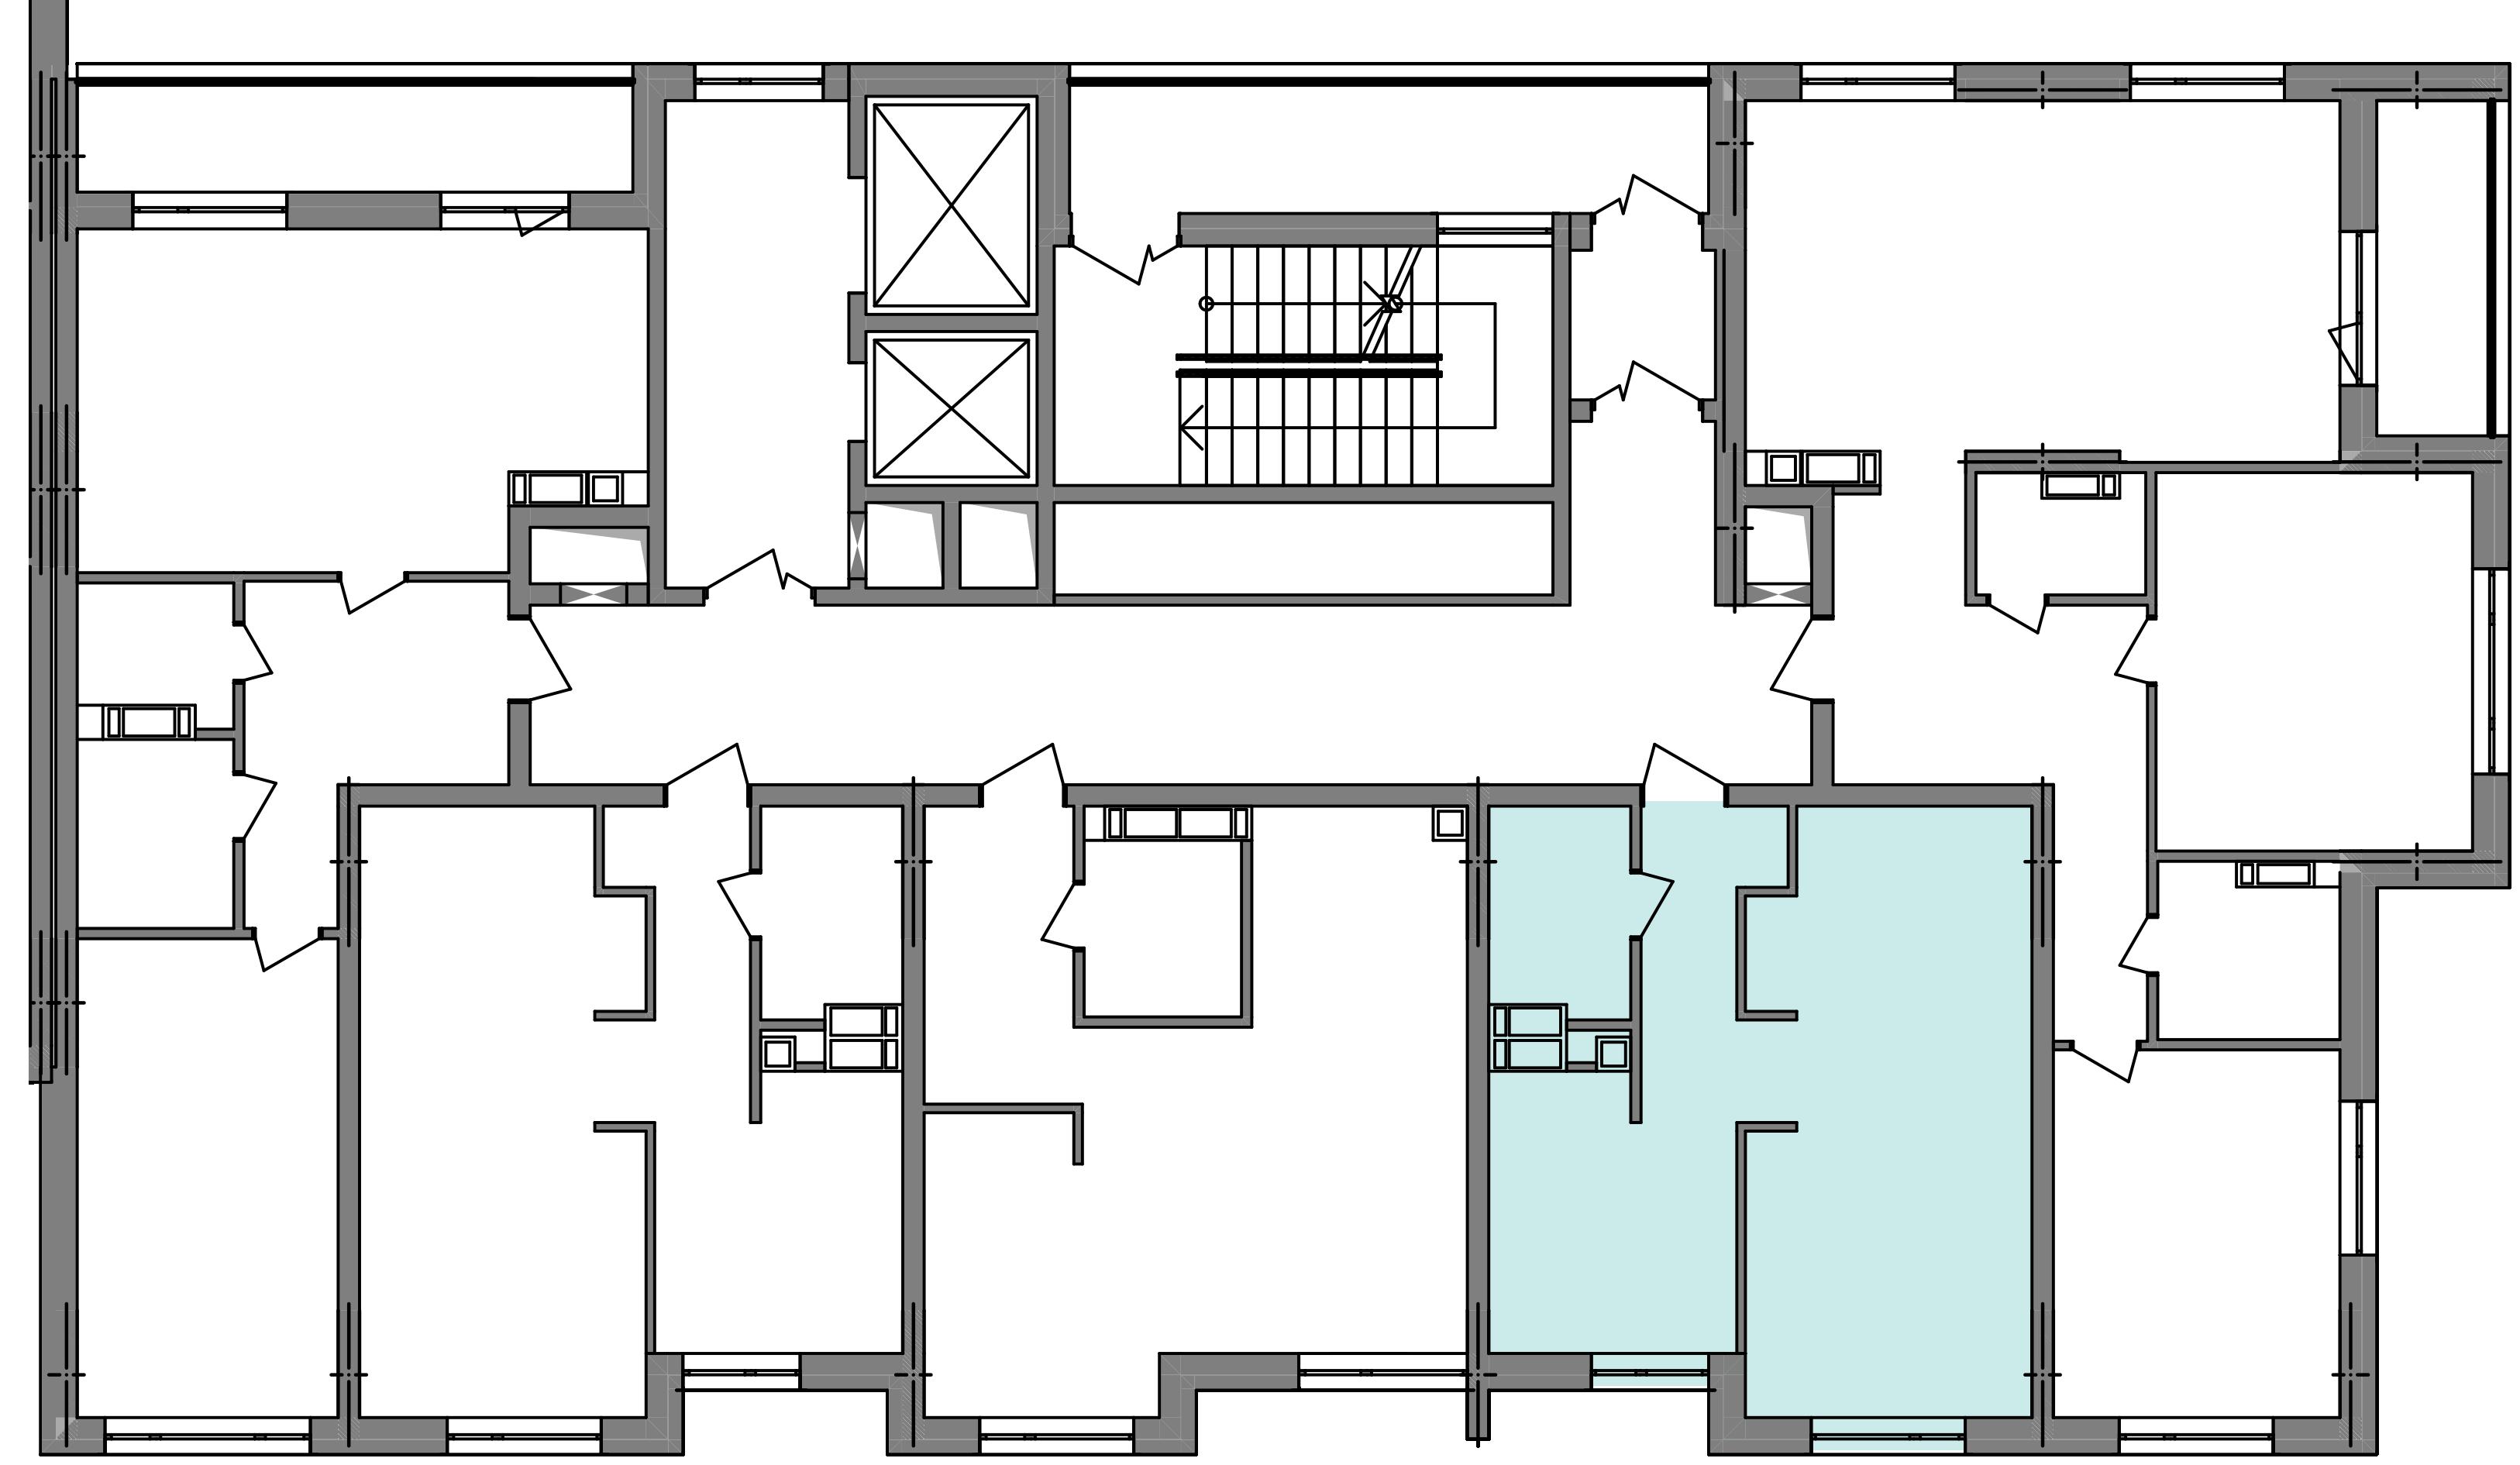 Однокімнатна квартира 39,77 кв.м., тип 1.1, будинок 3 секція 5 розташування на поверсі